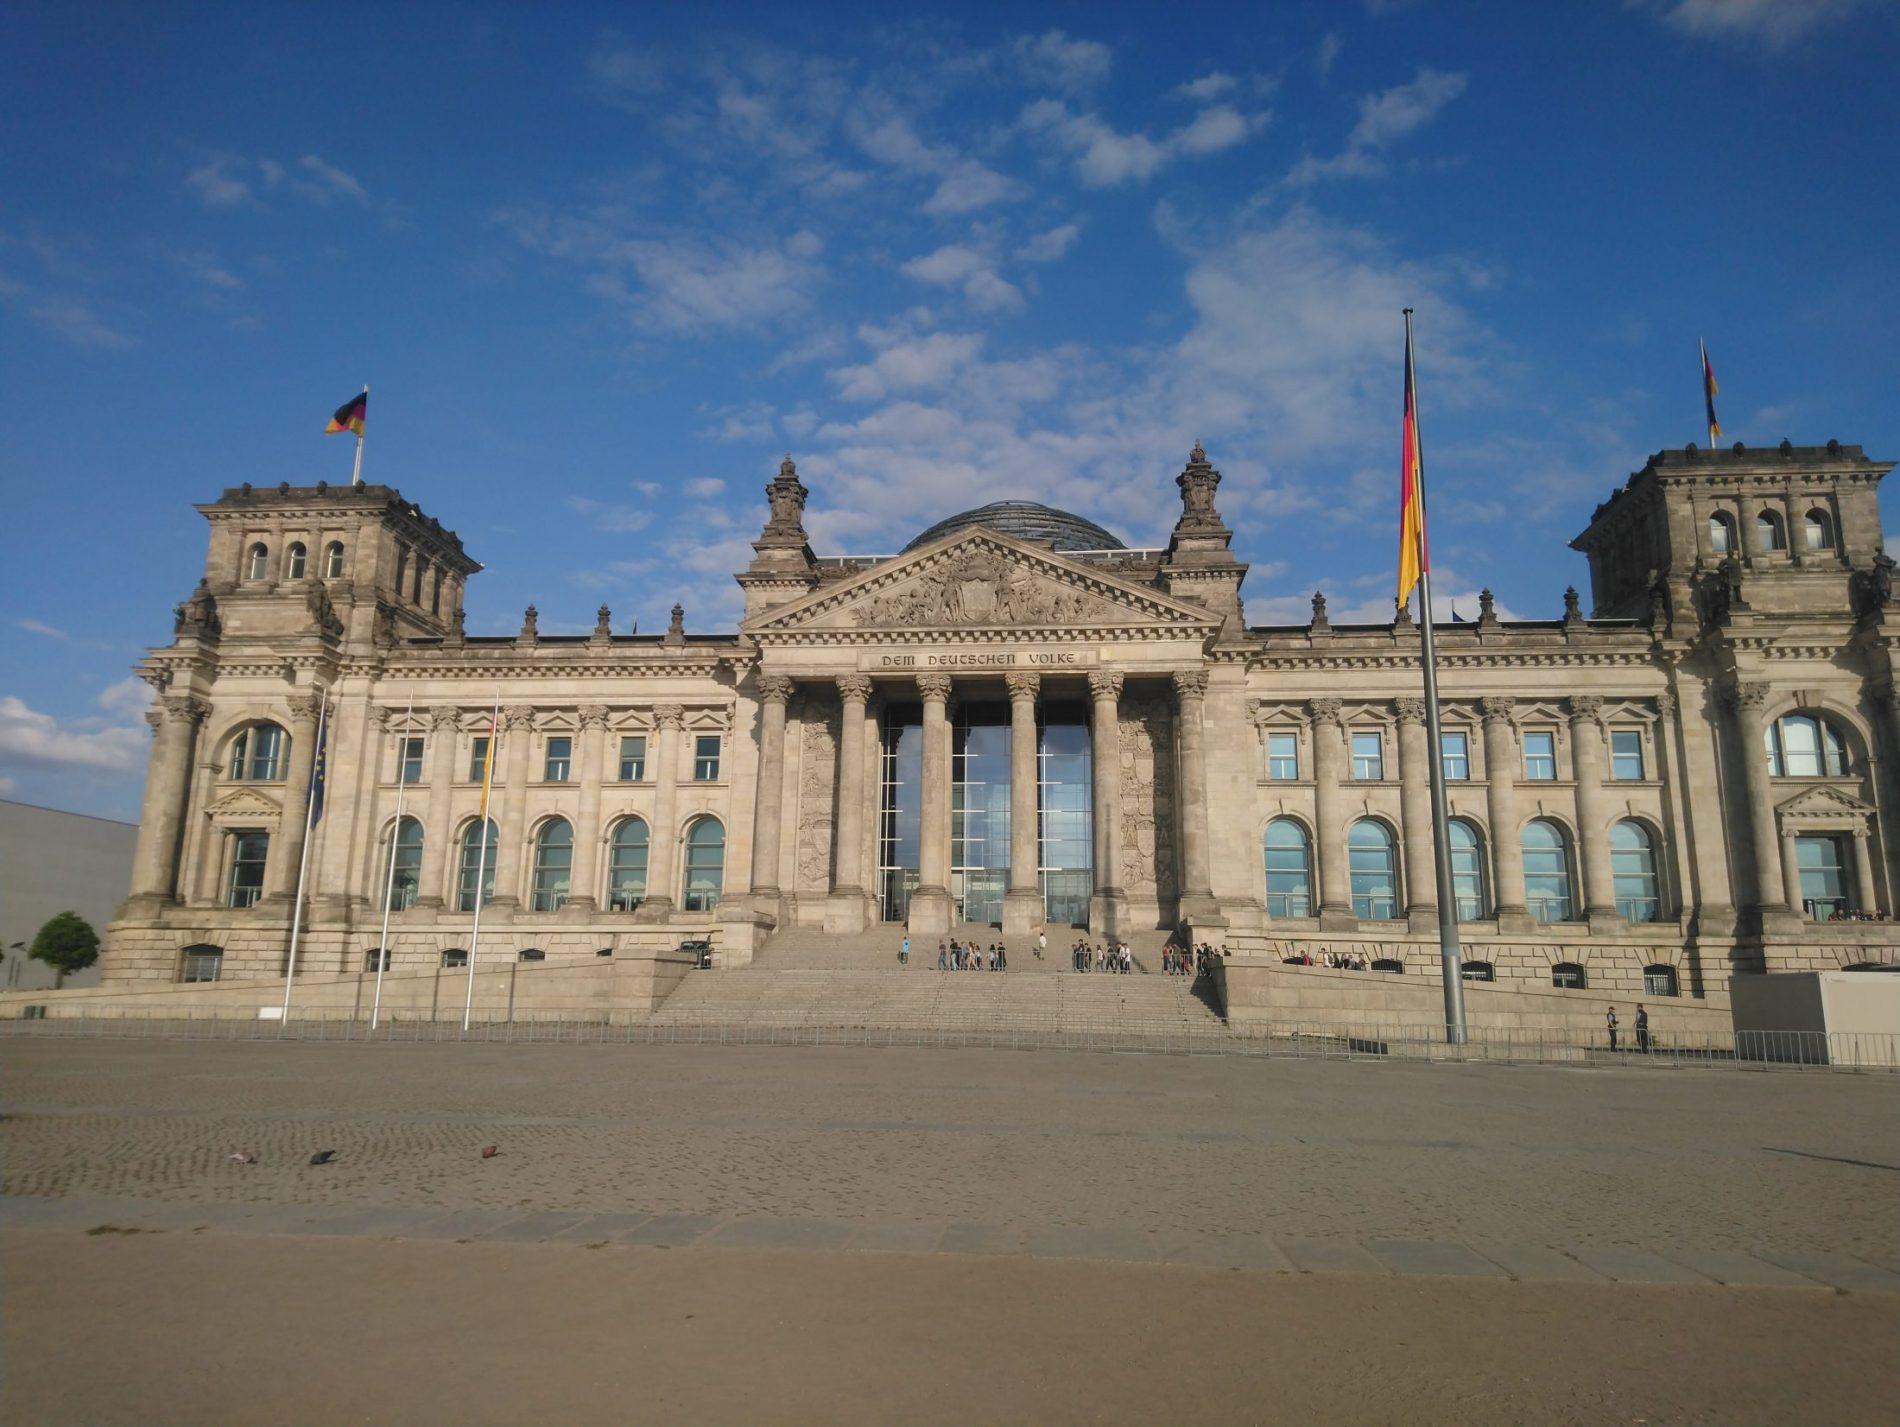 El Parlamento. Su cúpula es uno de los símbolos de Berlín